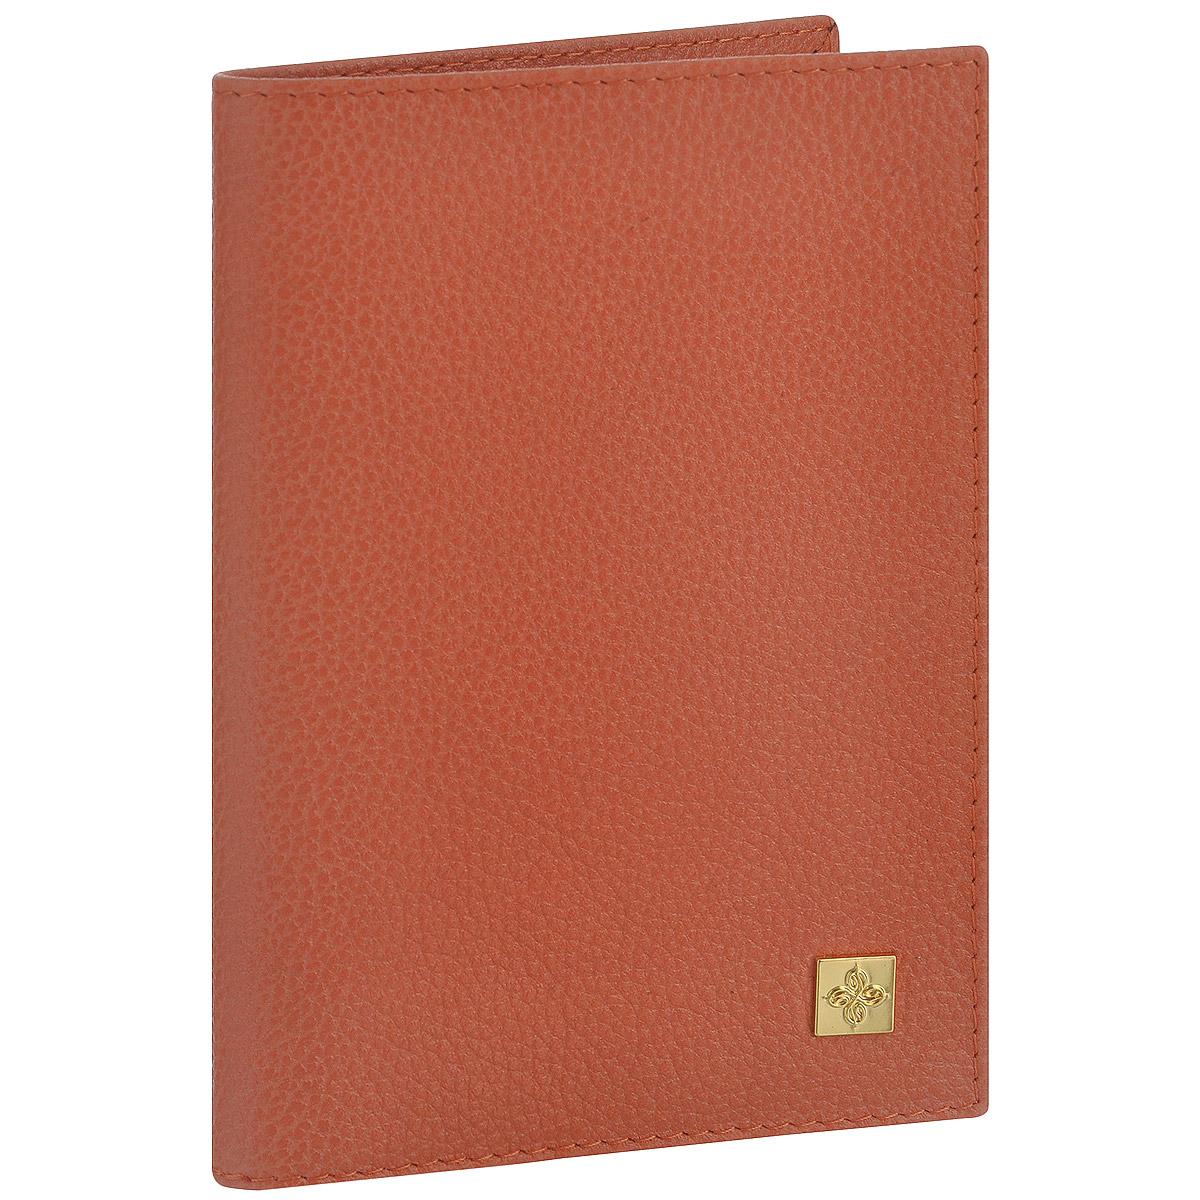 Обложка для паспорта женская Dimanche Corail, цвет: коралловый. 940 лонгслив coccodrillo лонгслив